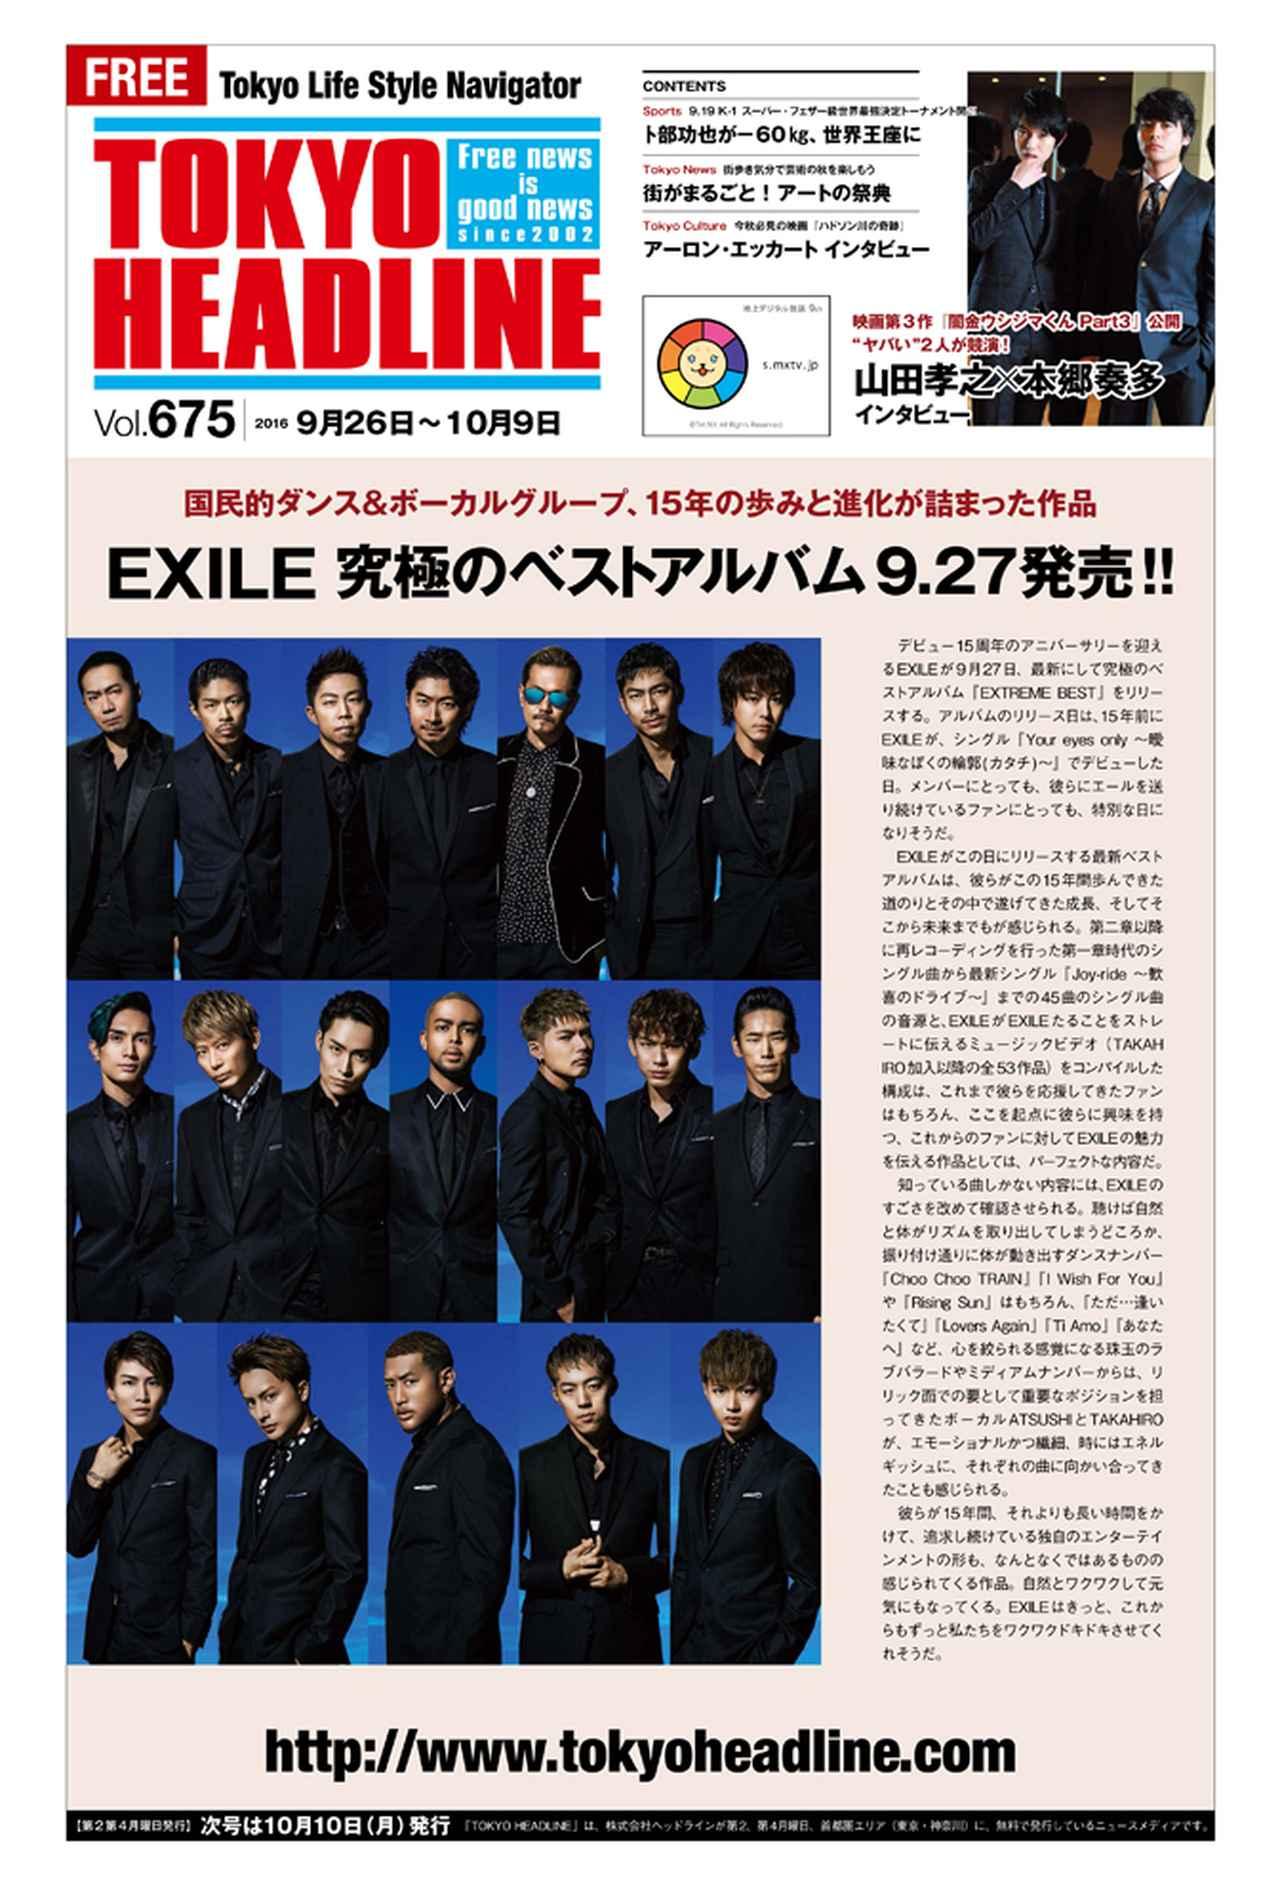 画像: TOKYO HEADLINE 最新号本日発行! 表紙は「EXILE 究極のベストアルバム9.27発売!!」